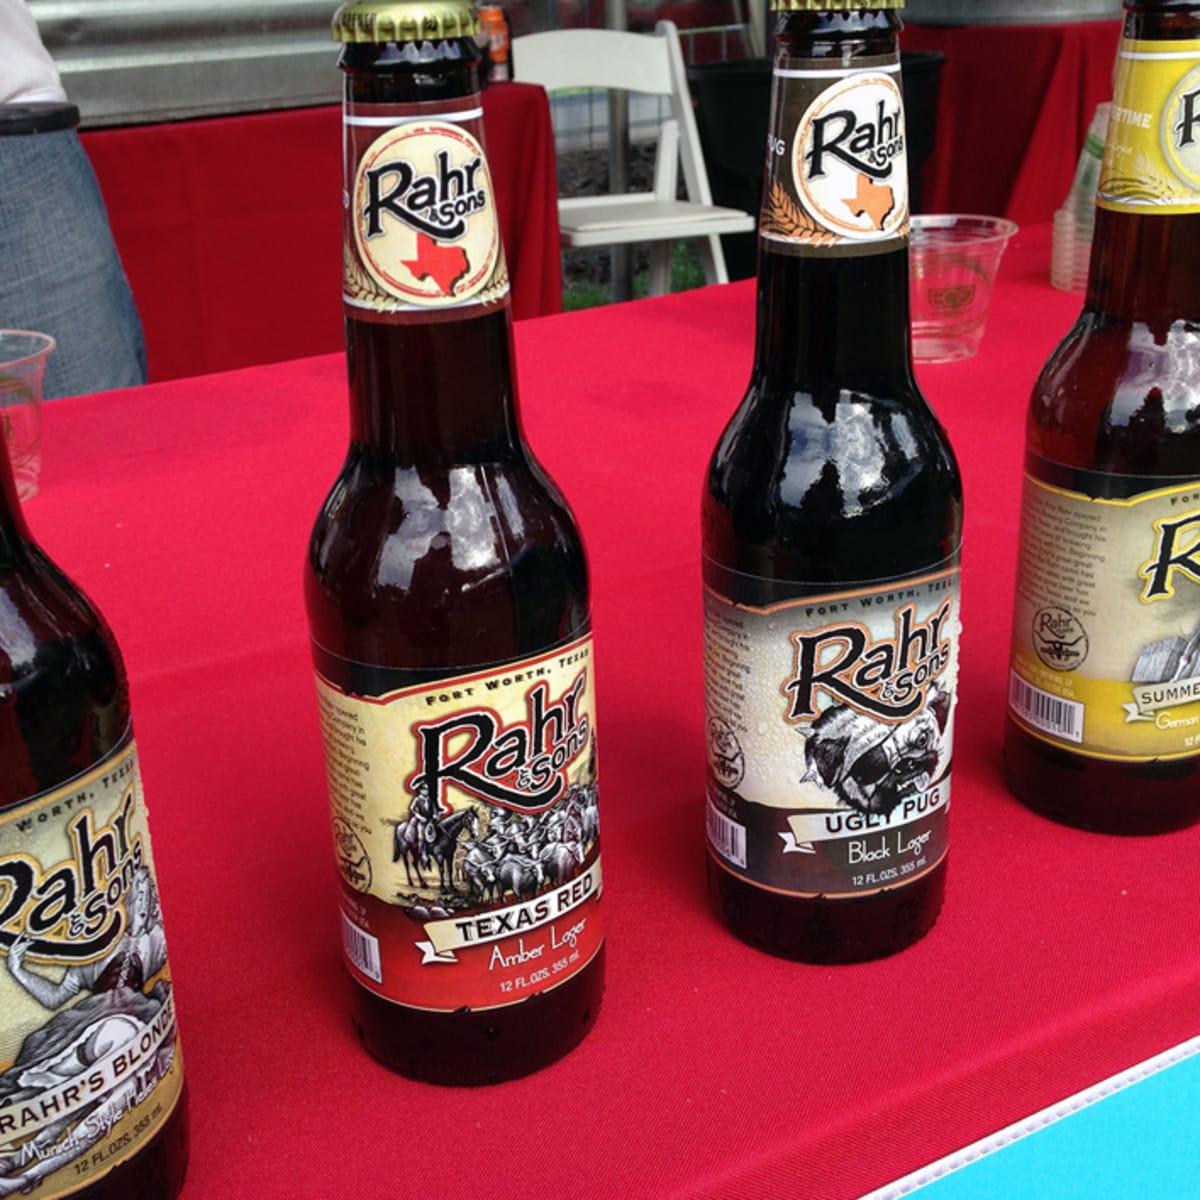 Rahr & Sons beer